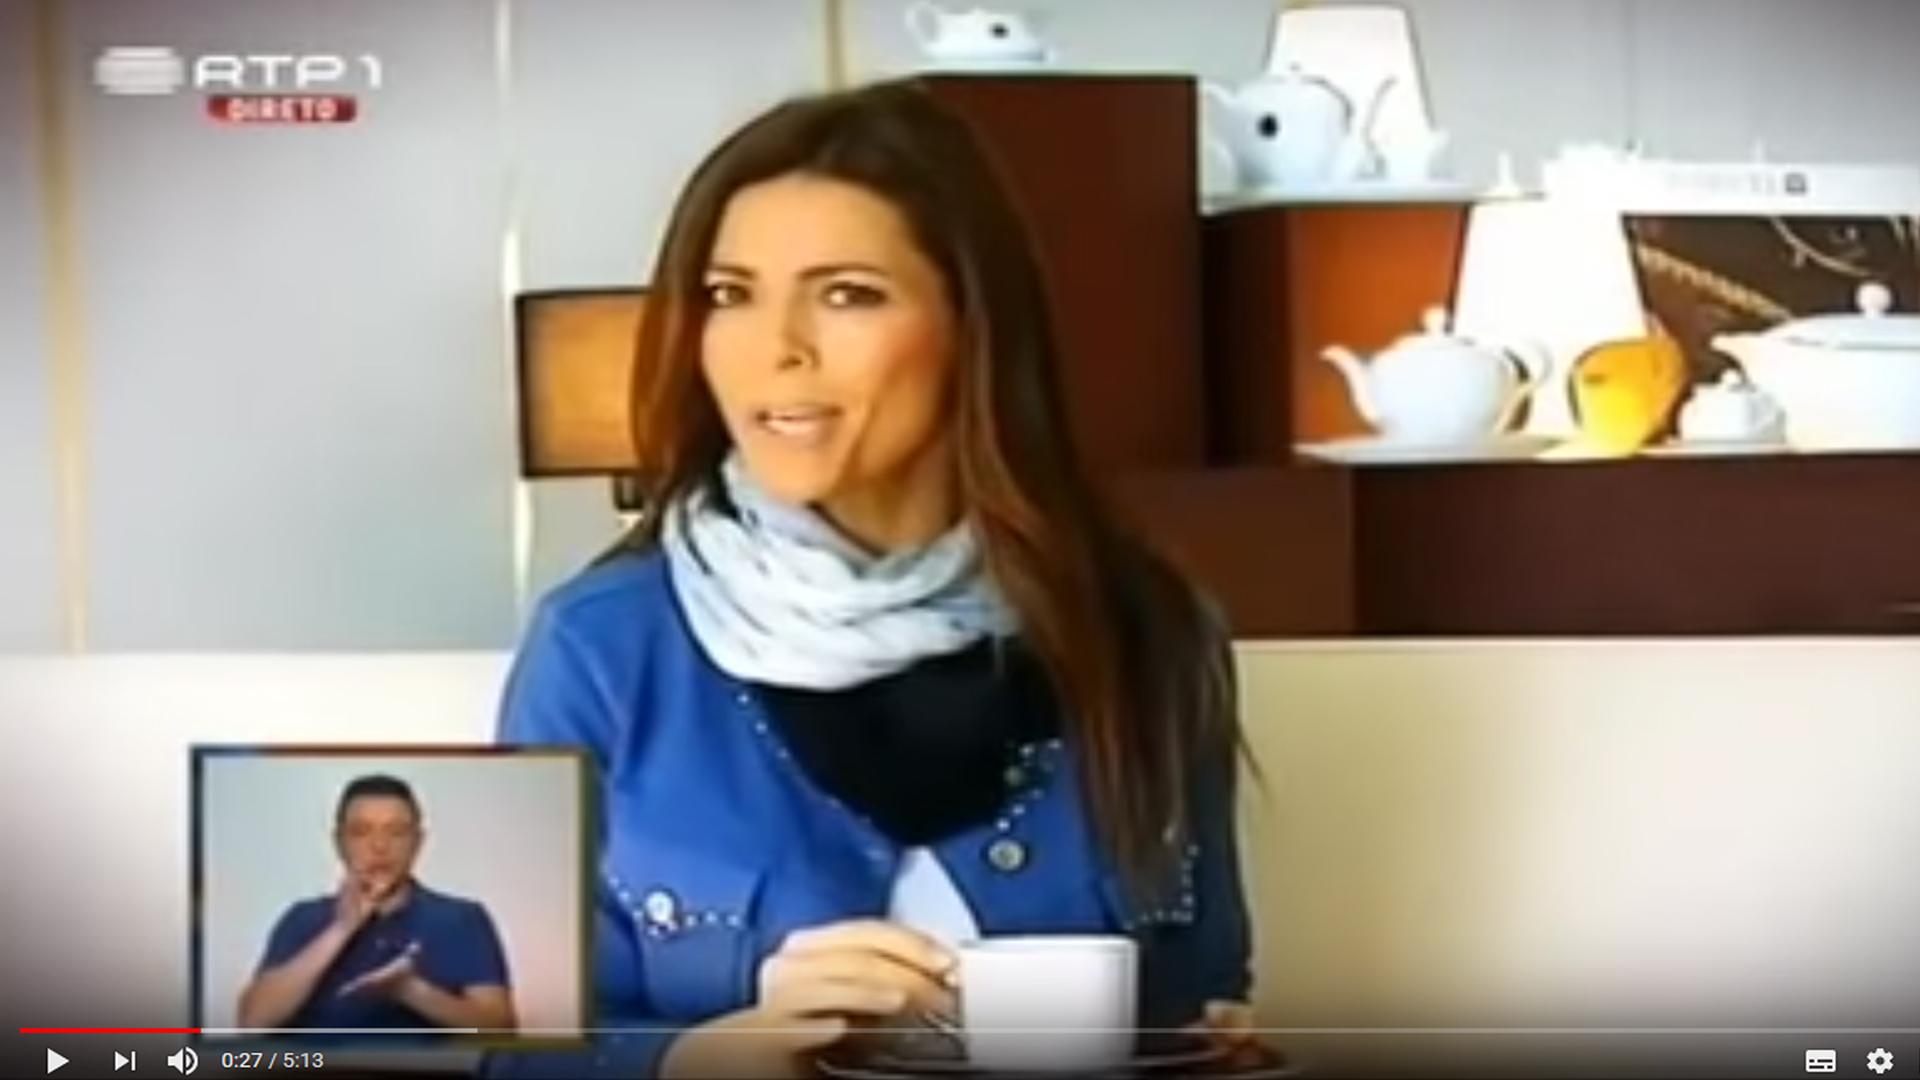 Porcel at Aqui Portugal television show 1